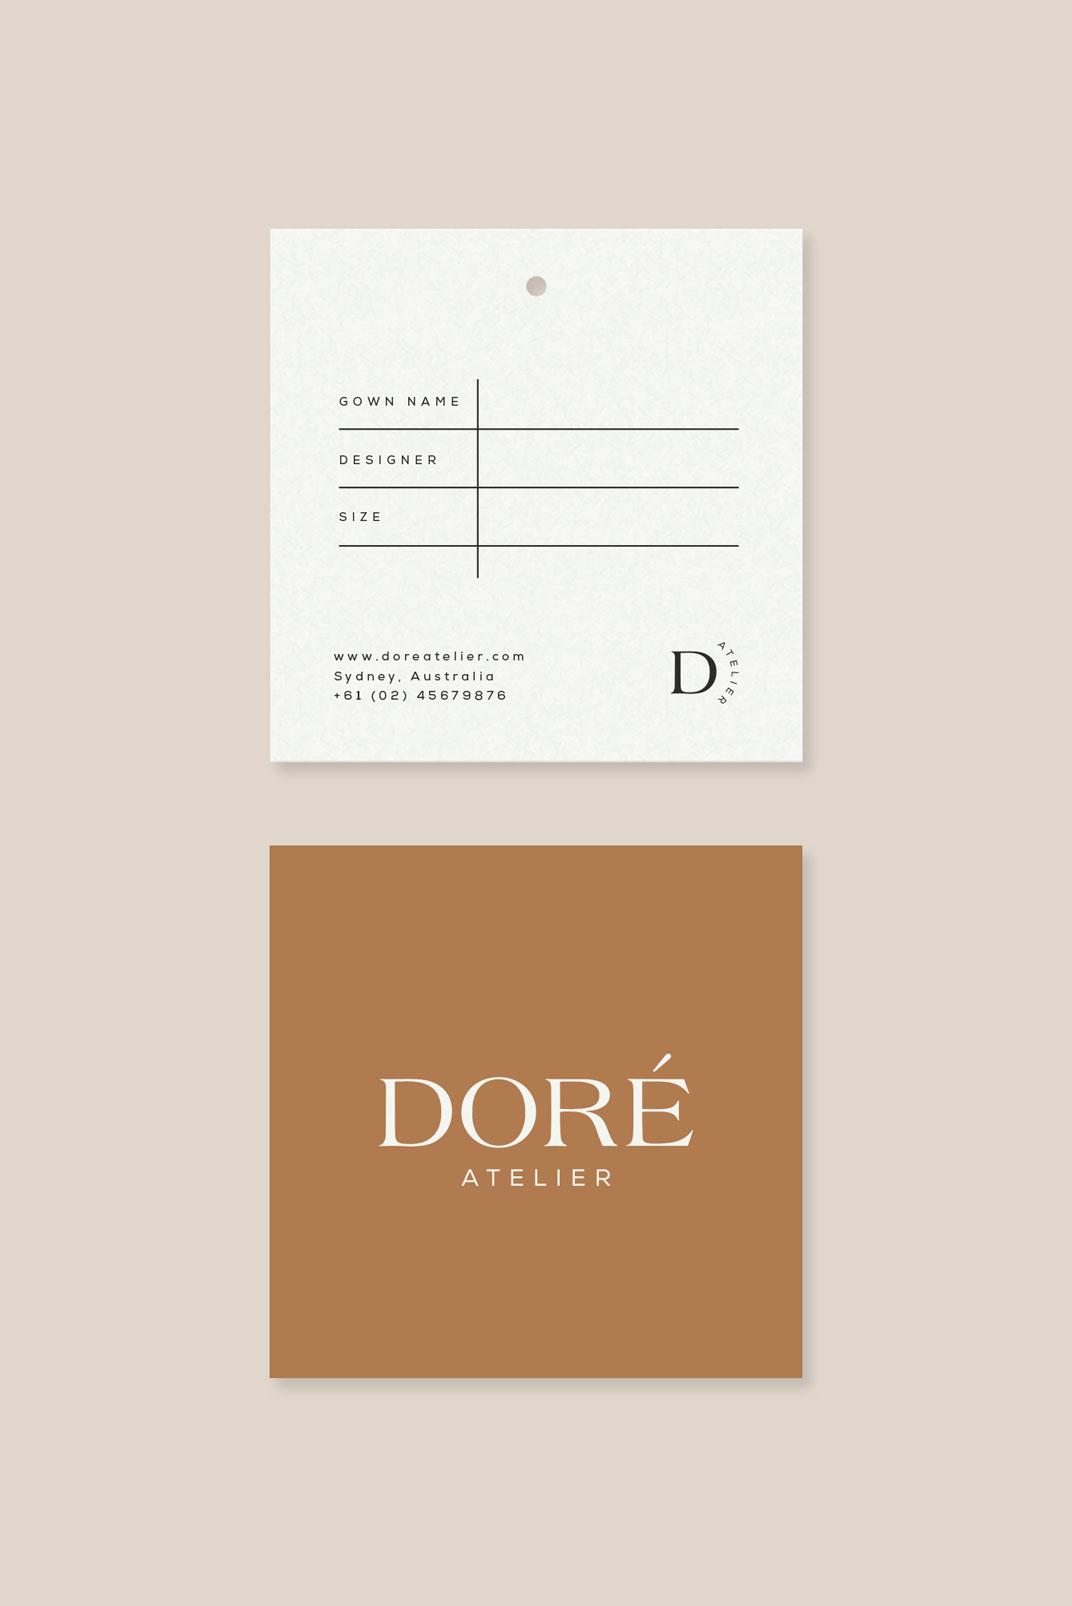 WHITE-KITE-STUDIO-DORE-BRANDING-5.jpg